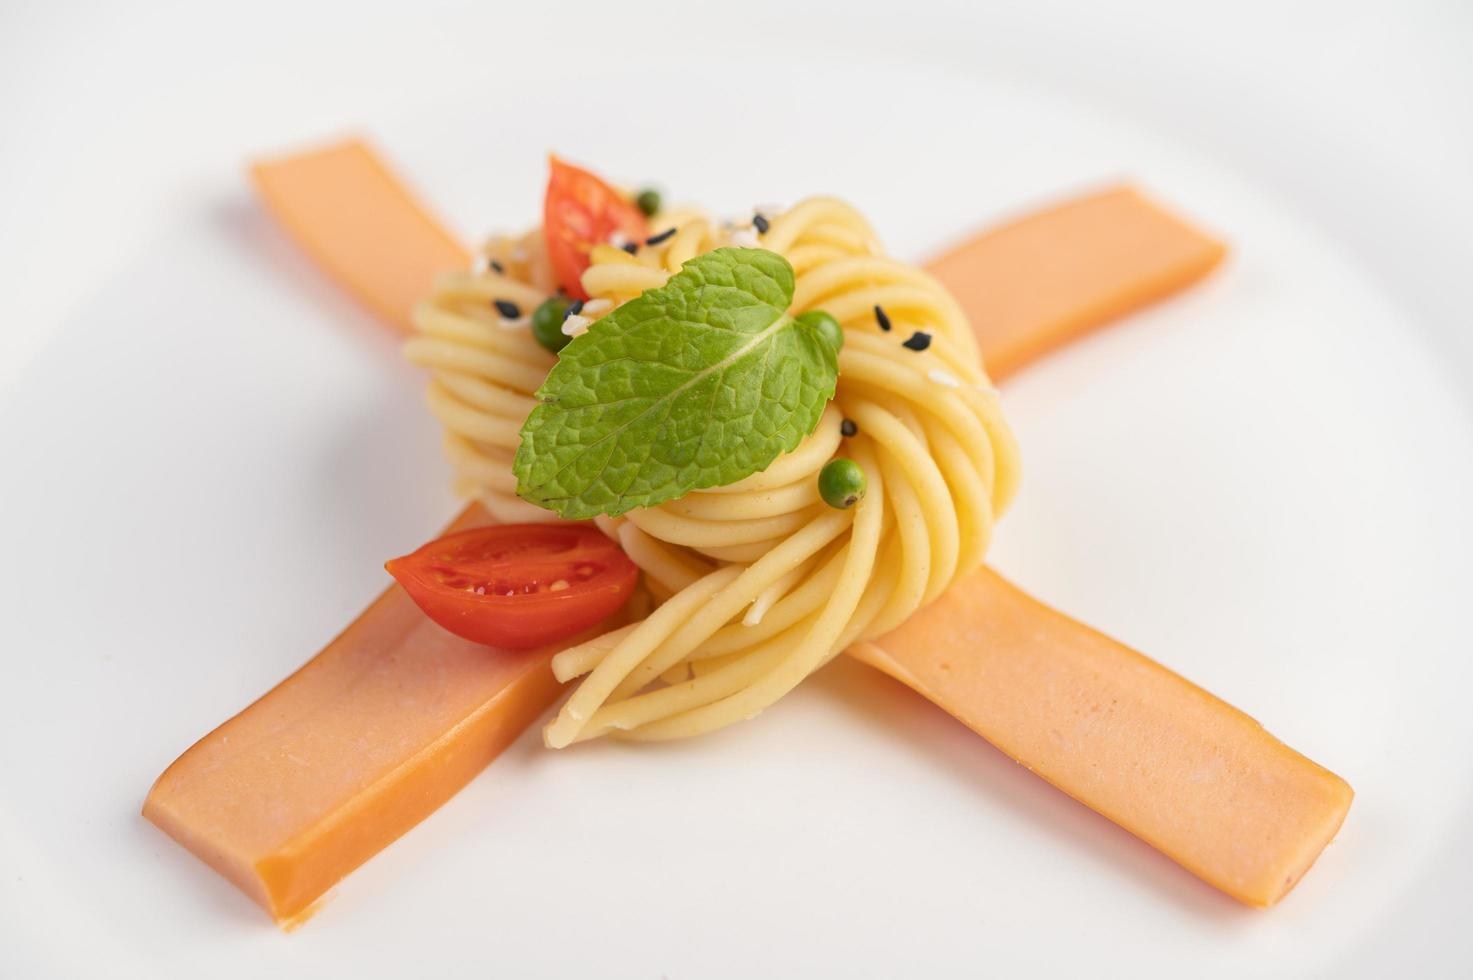 gastronomische spaghetti prachtig gerangschikt op een witte plaat foto